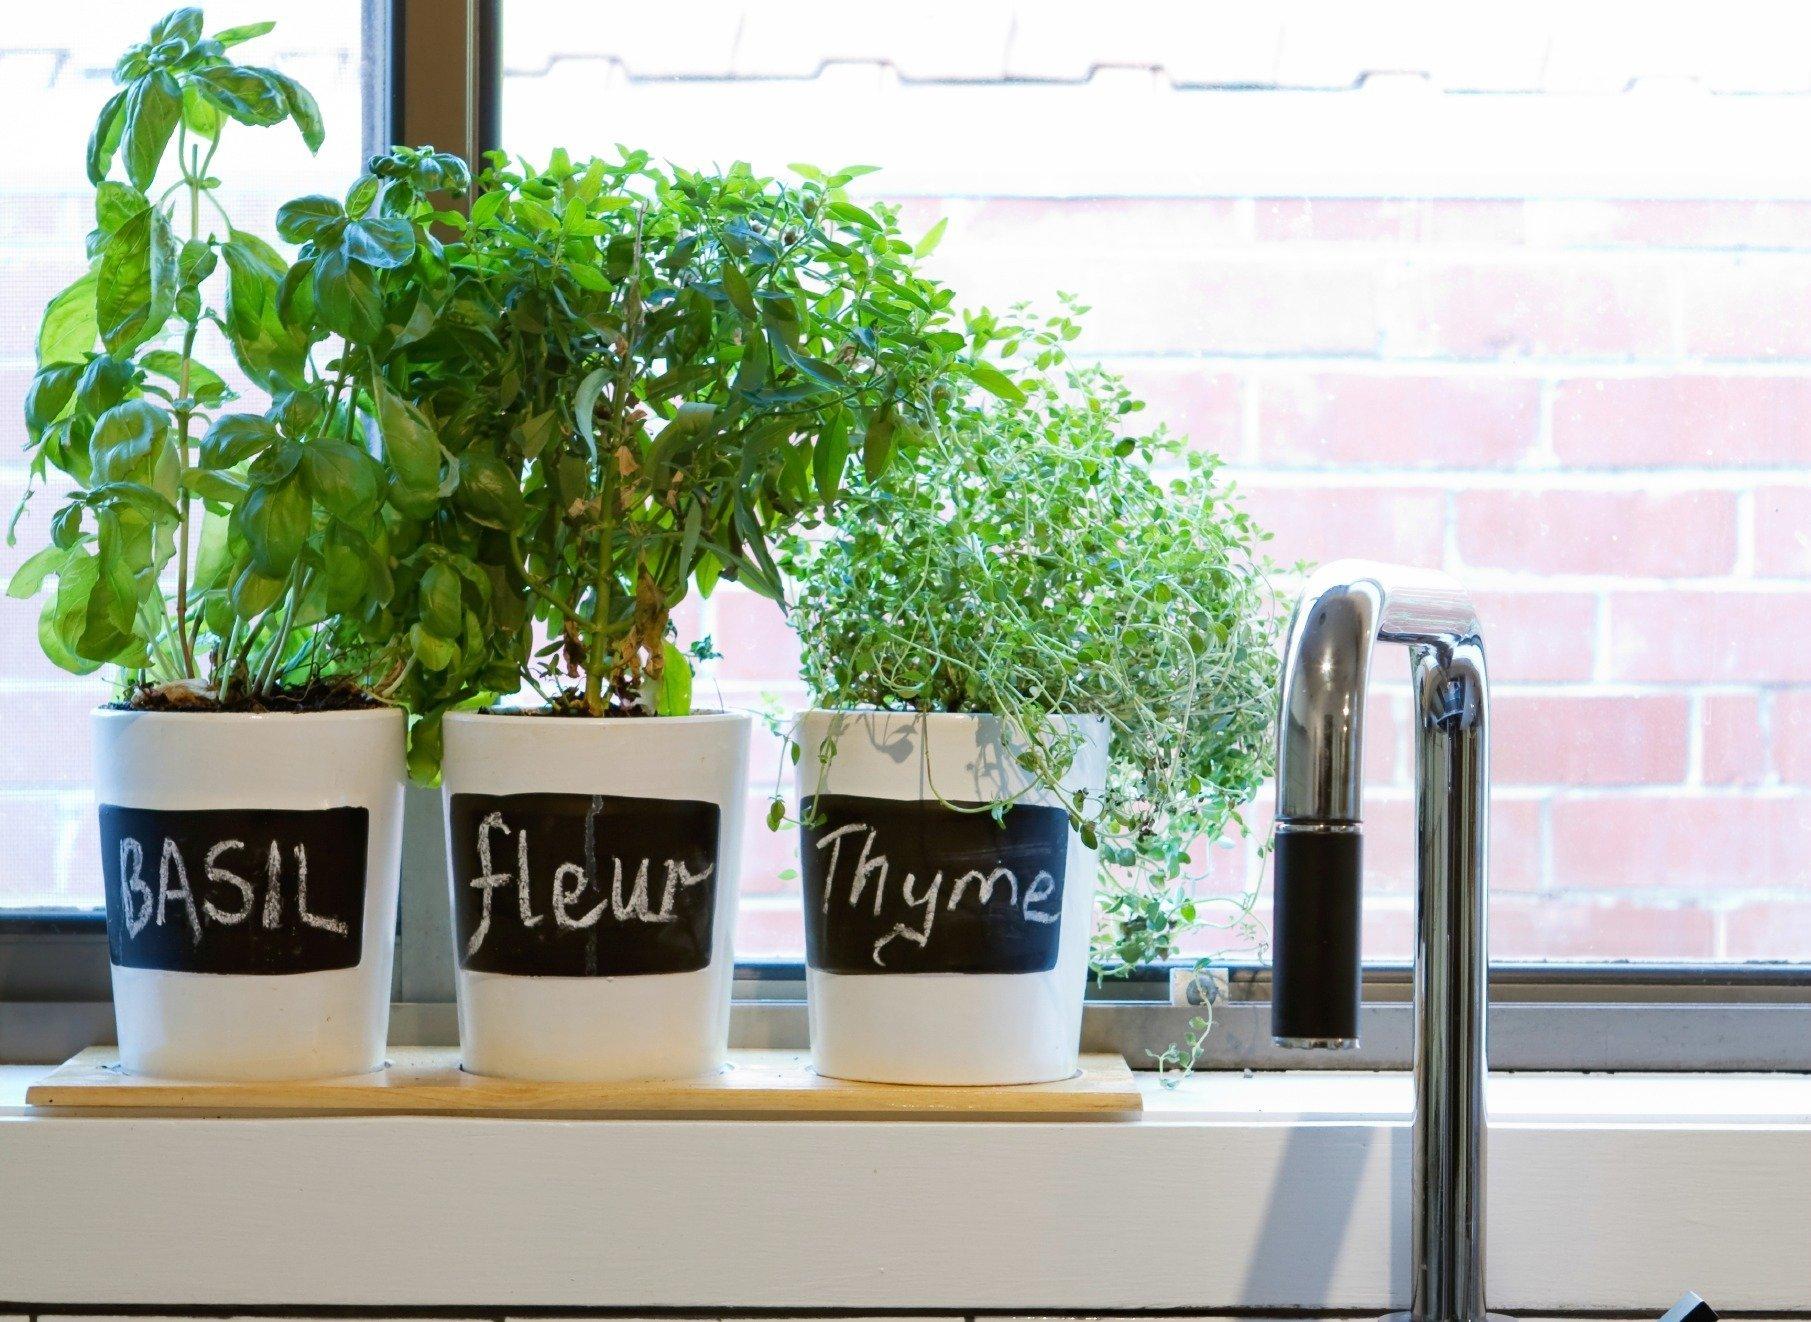 Méně zdatní pěstitelé ocení, když jim jednotlivé bylinky popíšete.